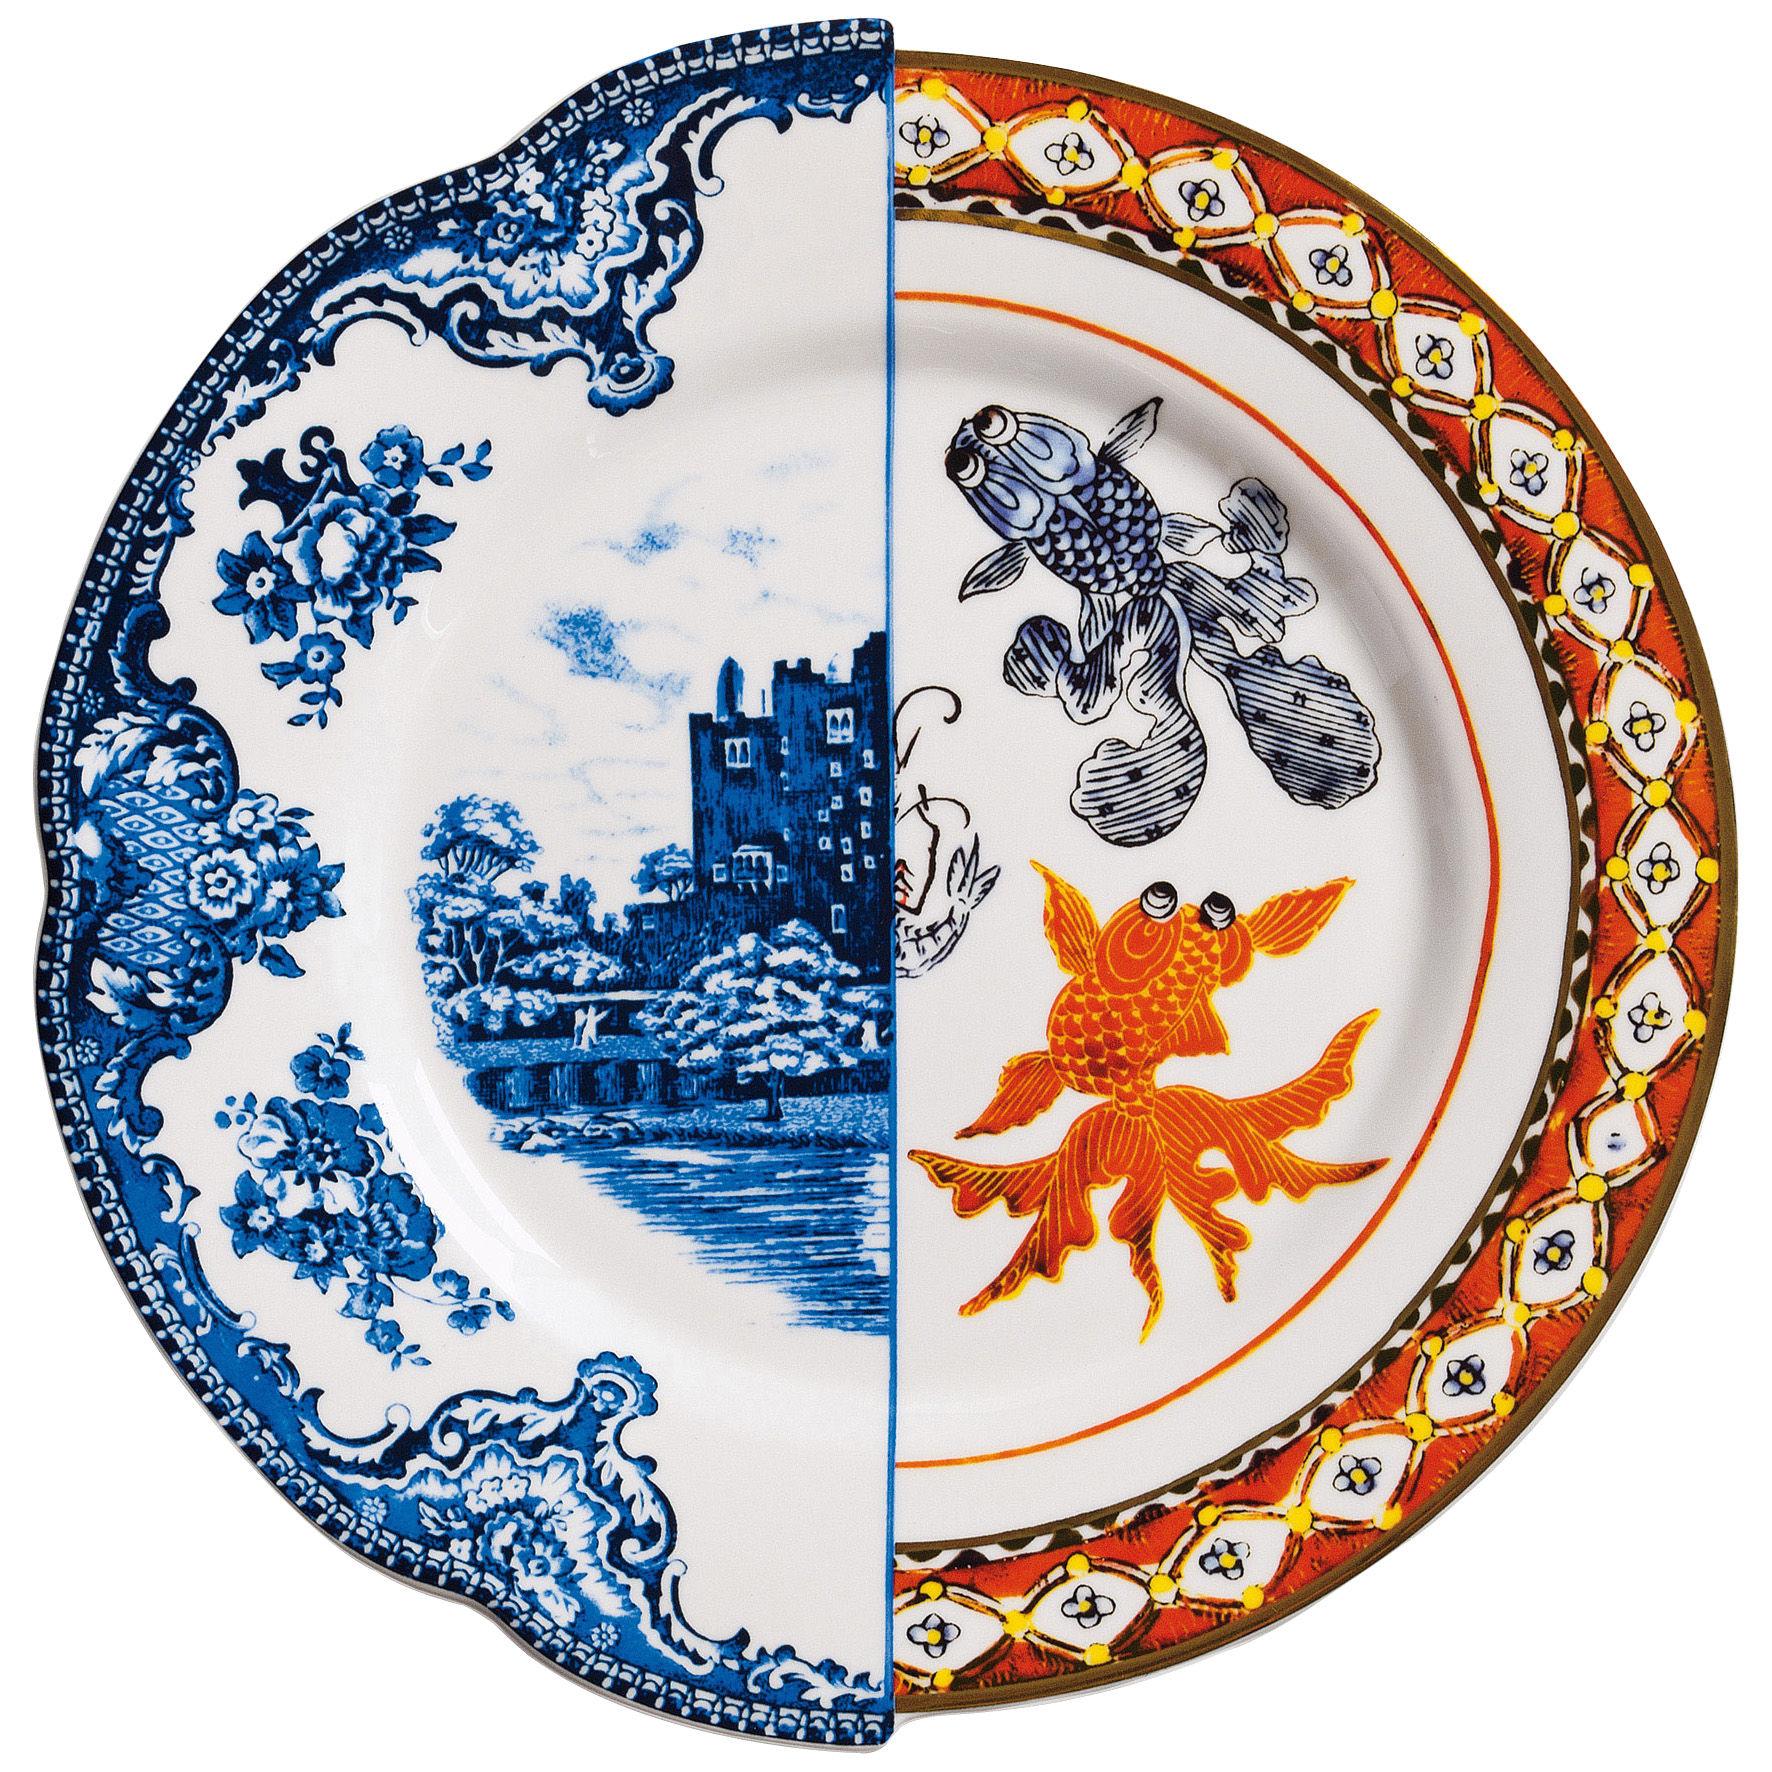 Arts de la table - Assiettes - Assiette Hybrid Isaura Ø 27,5 cm - Seletti - Isaura - Porcelaine